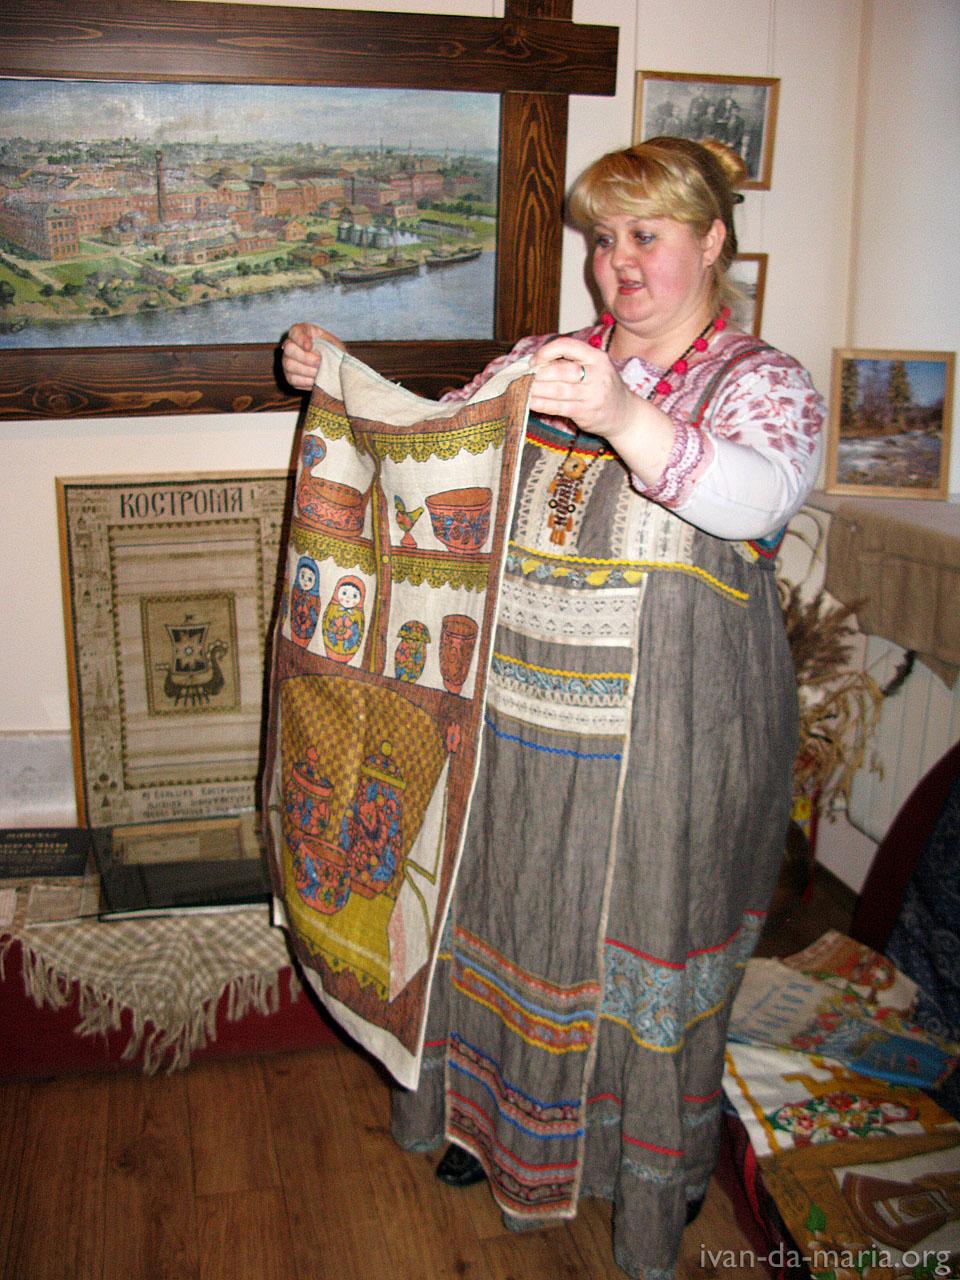 Кострома льняная столица россии фото 3